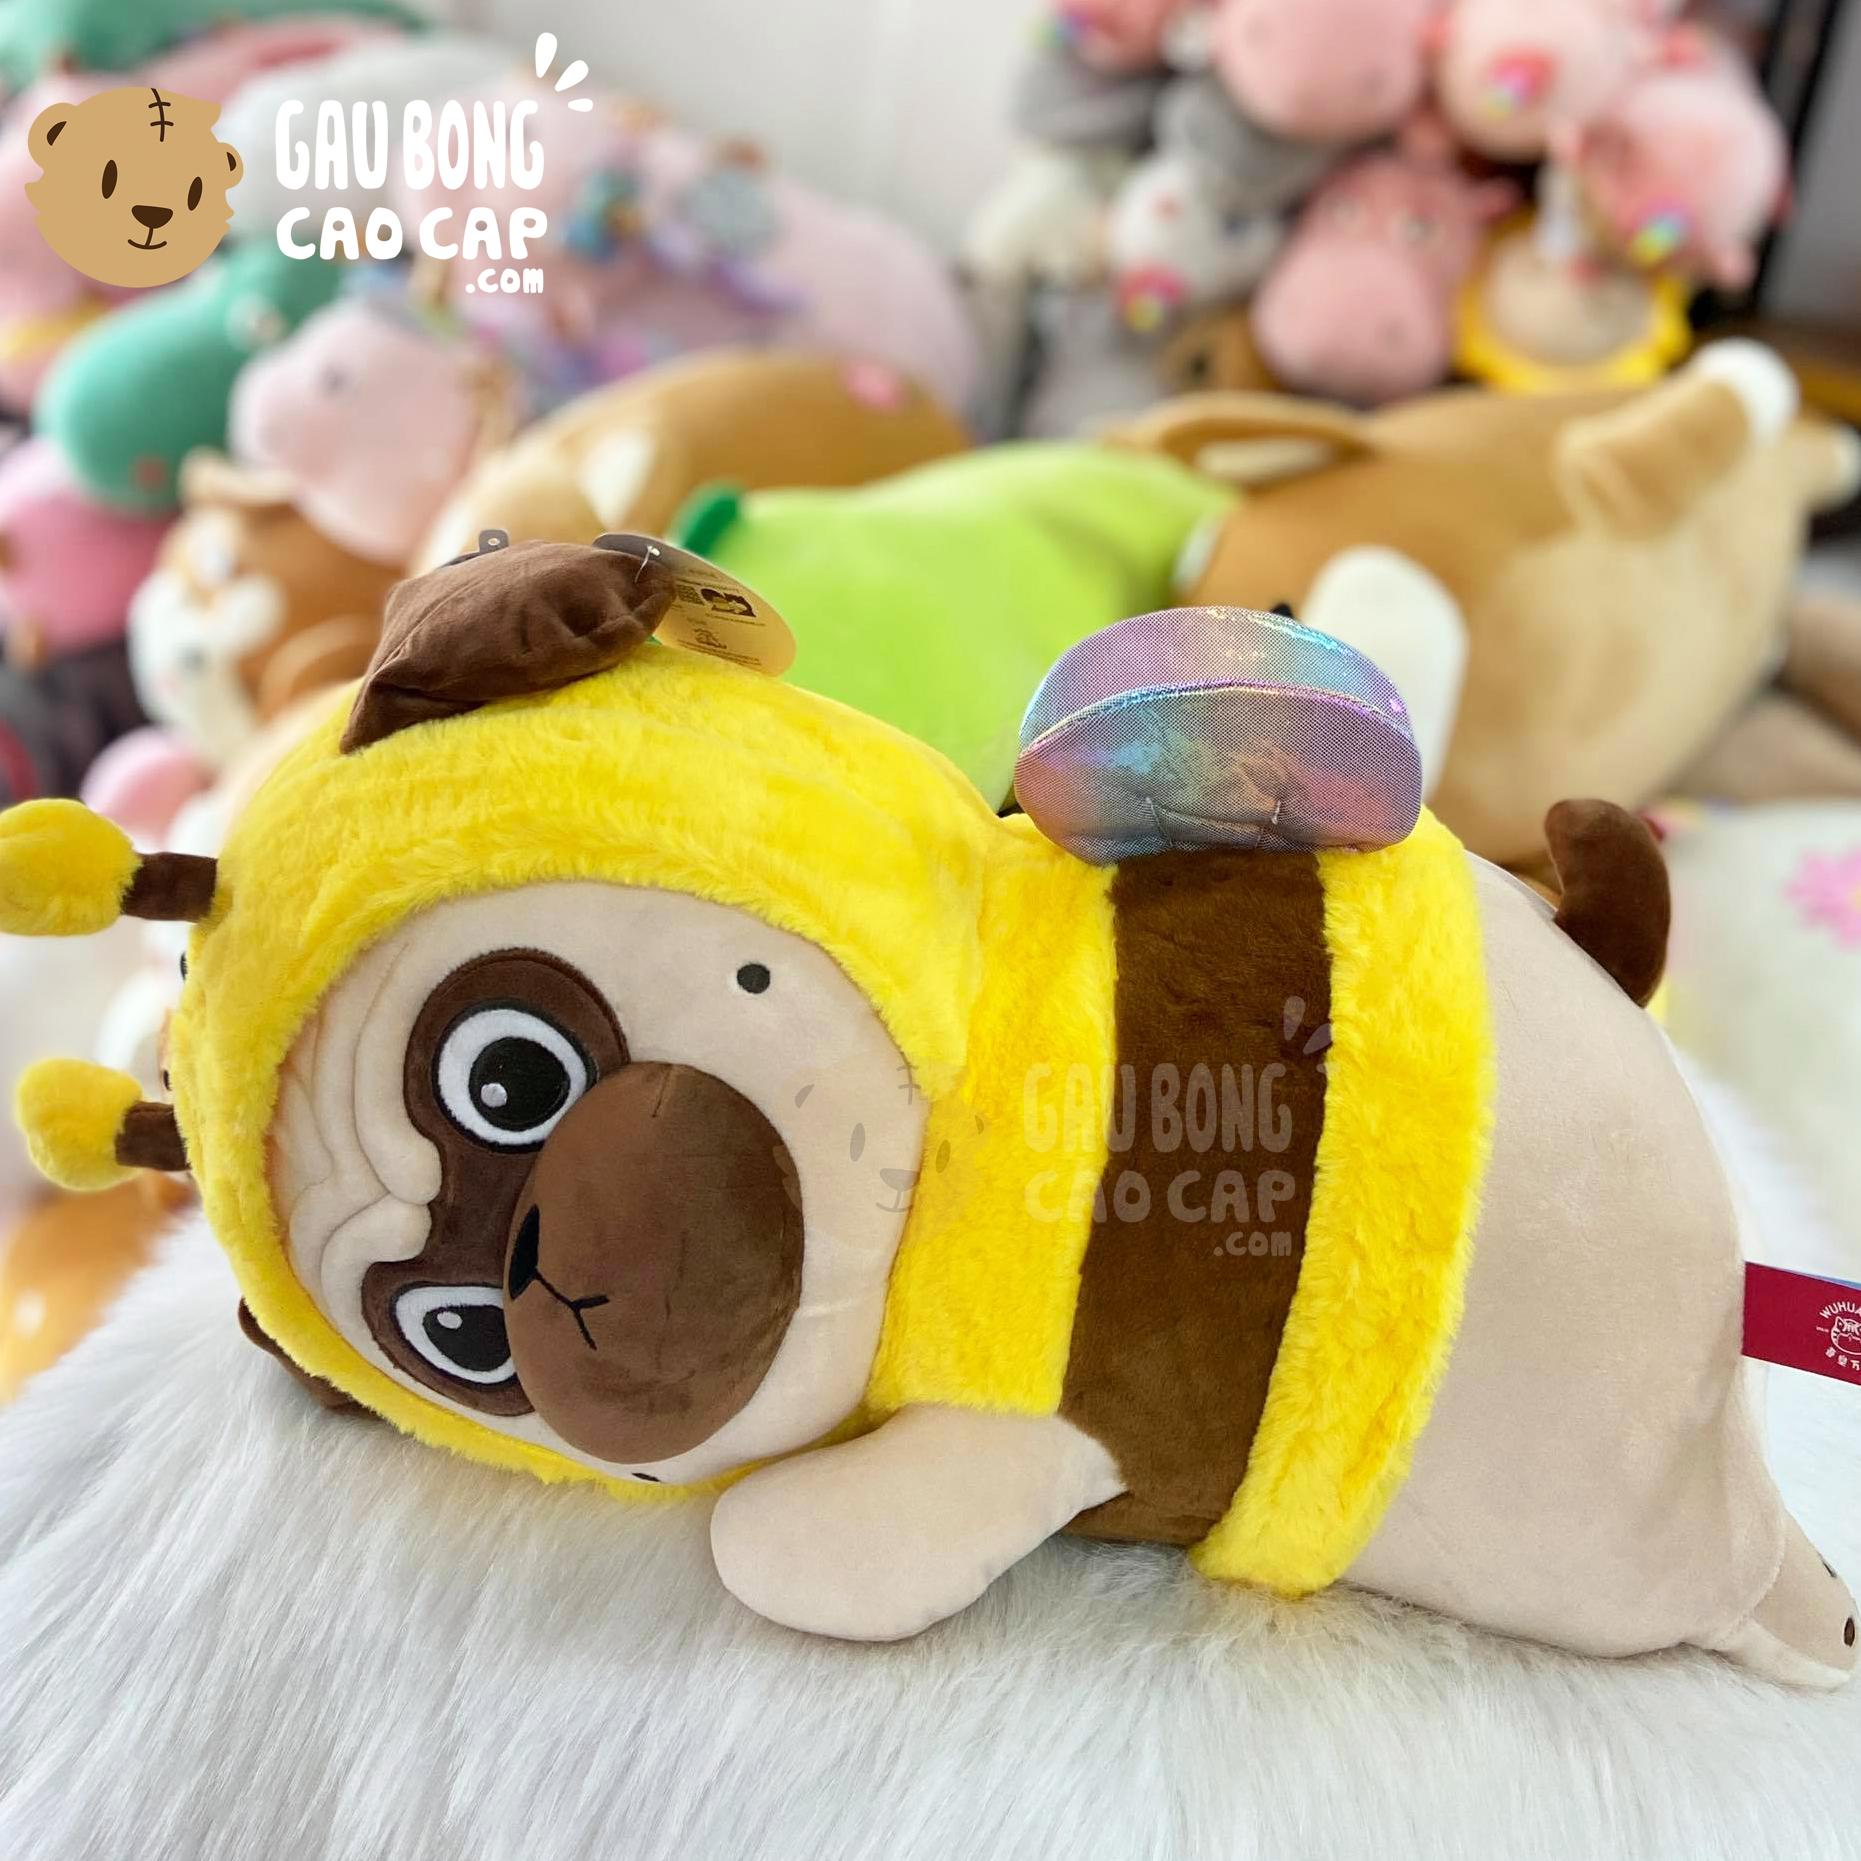 Chó Bông Nô Tài Nằm Cosplay ong Vàng